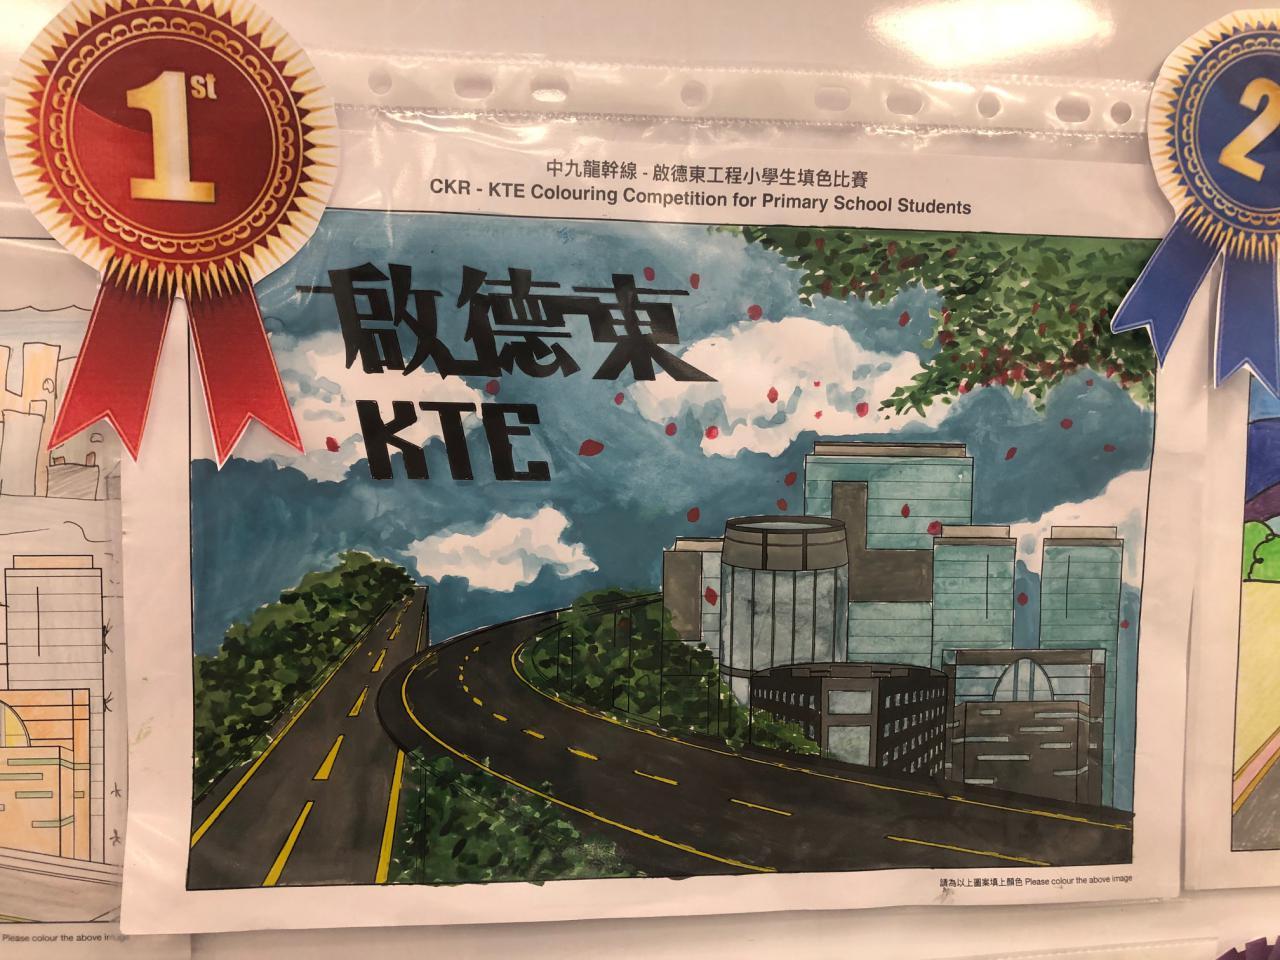 「中九龍幹線 - 啟德東」填色比賽獲2冠1季4優異   聖公會基樂小學